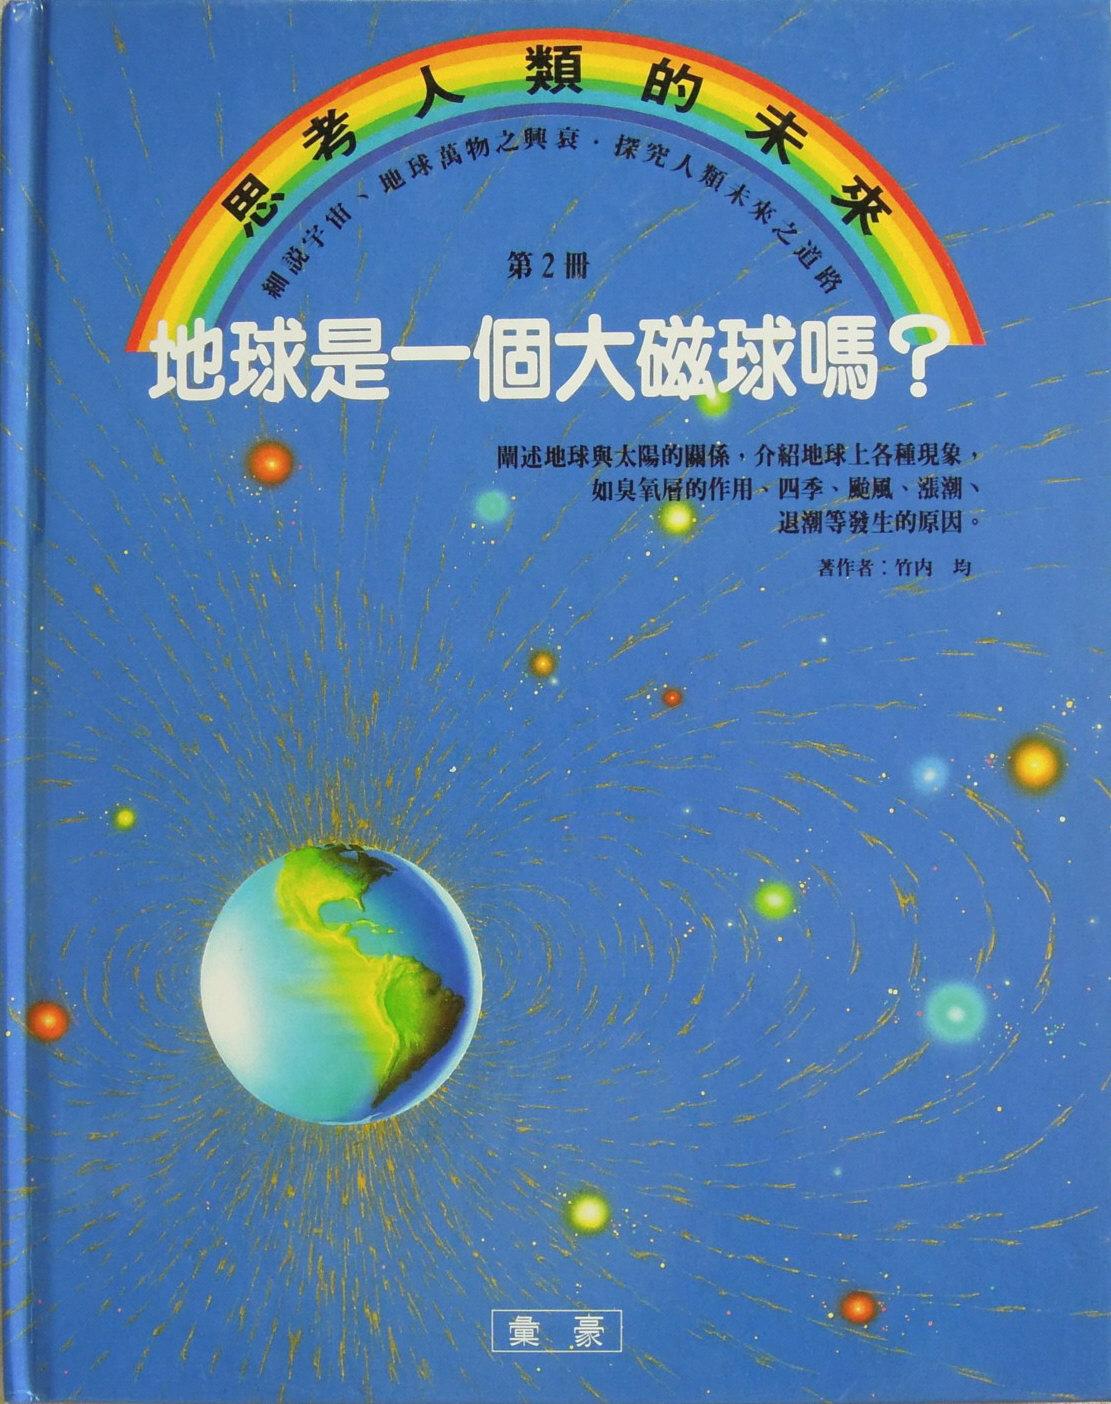 地球是一個大磁球嗎?